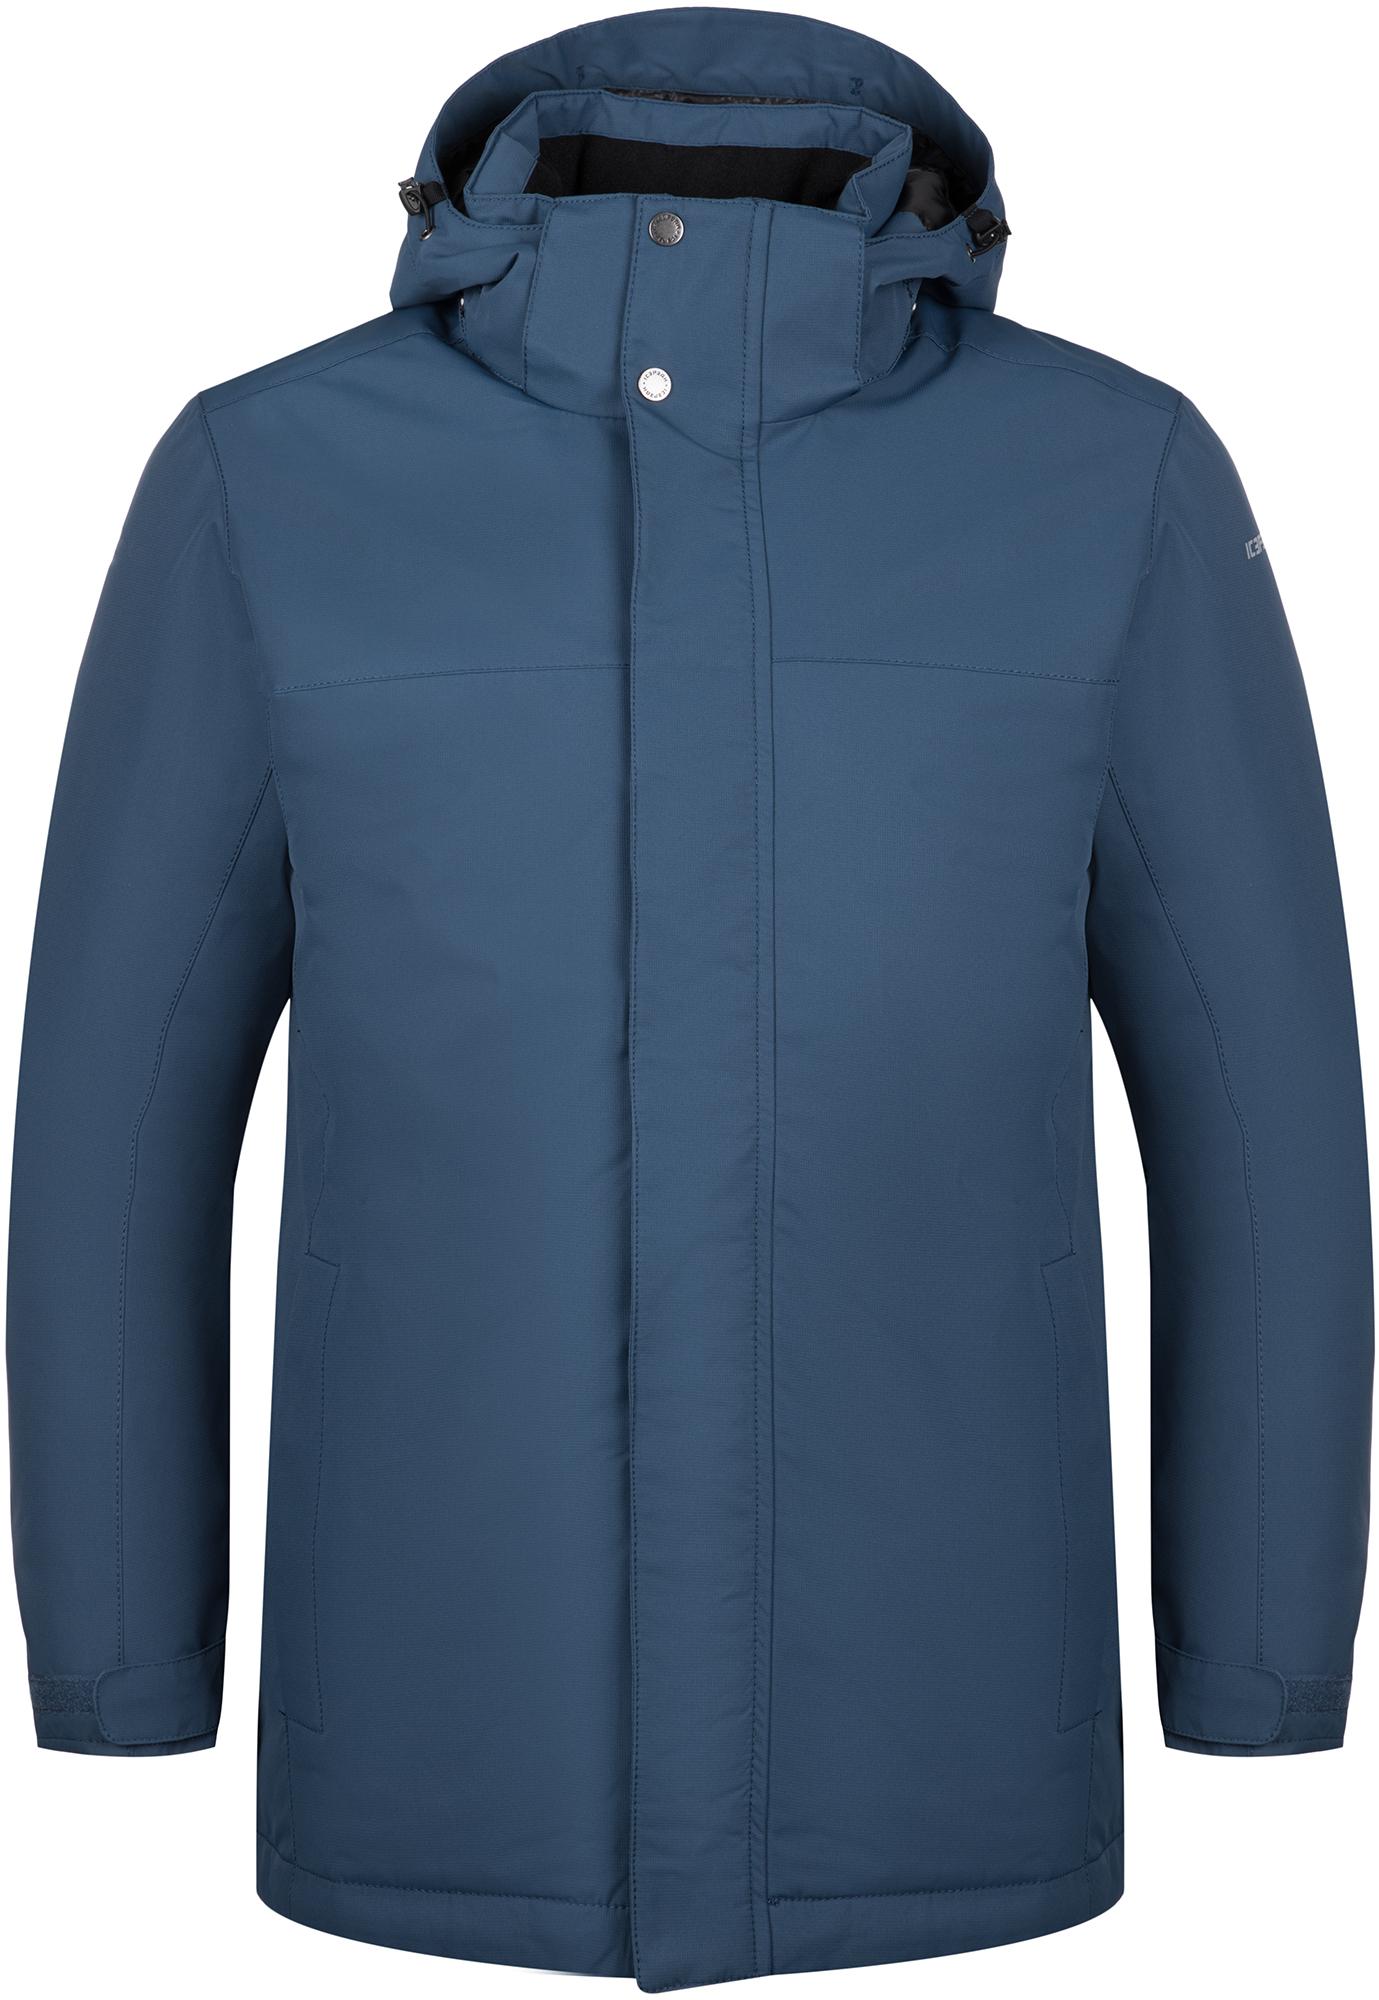 IcePeak Куртка утепленная мужская IcePeak Vanleer, размер 52